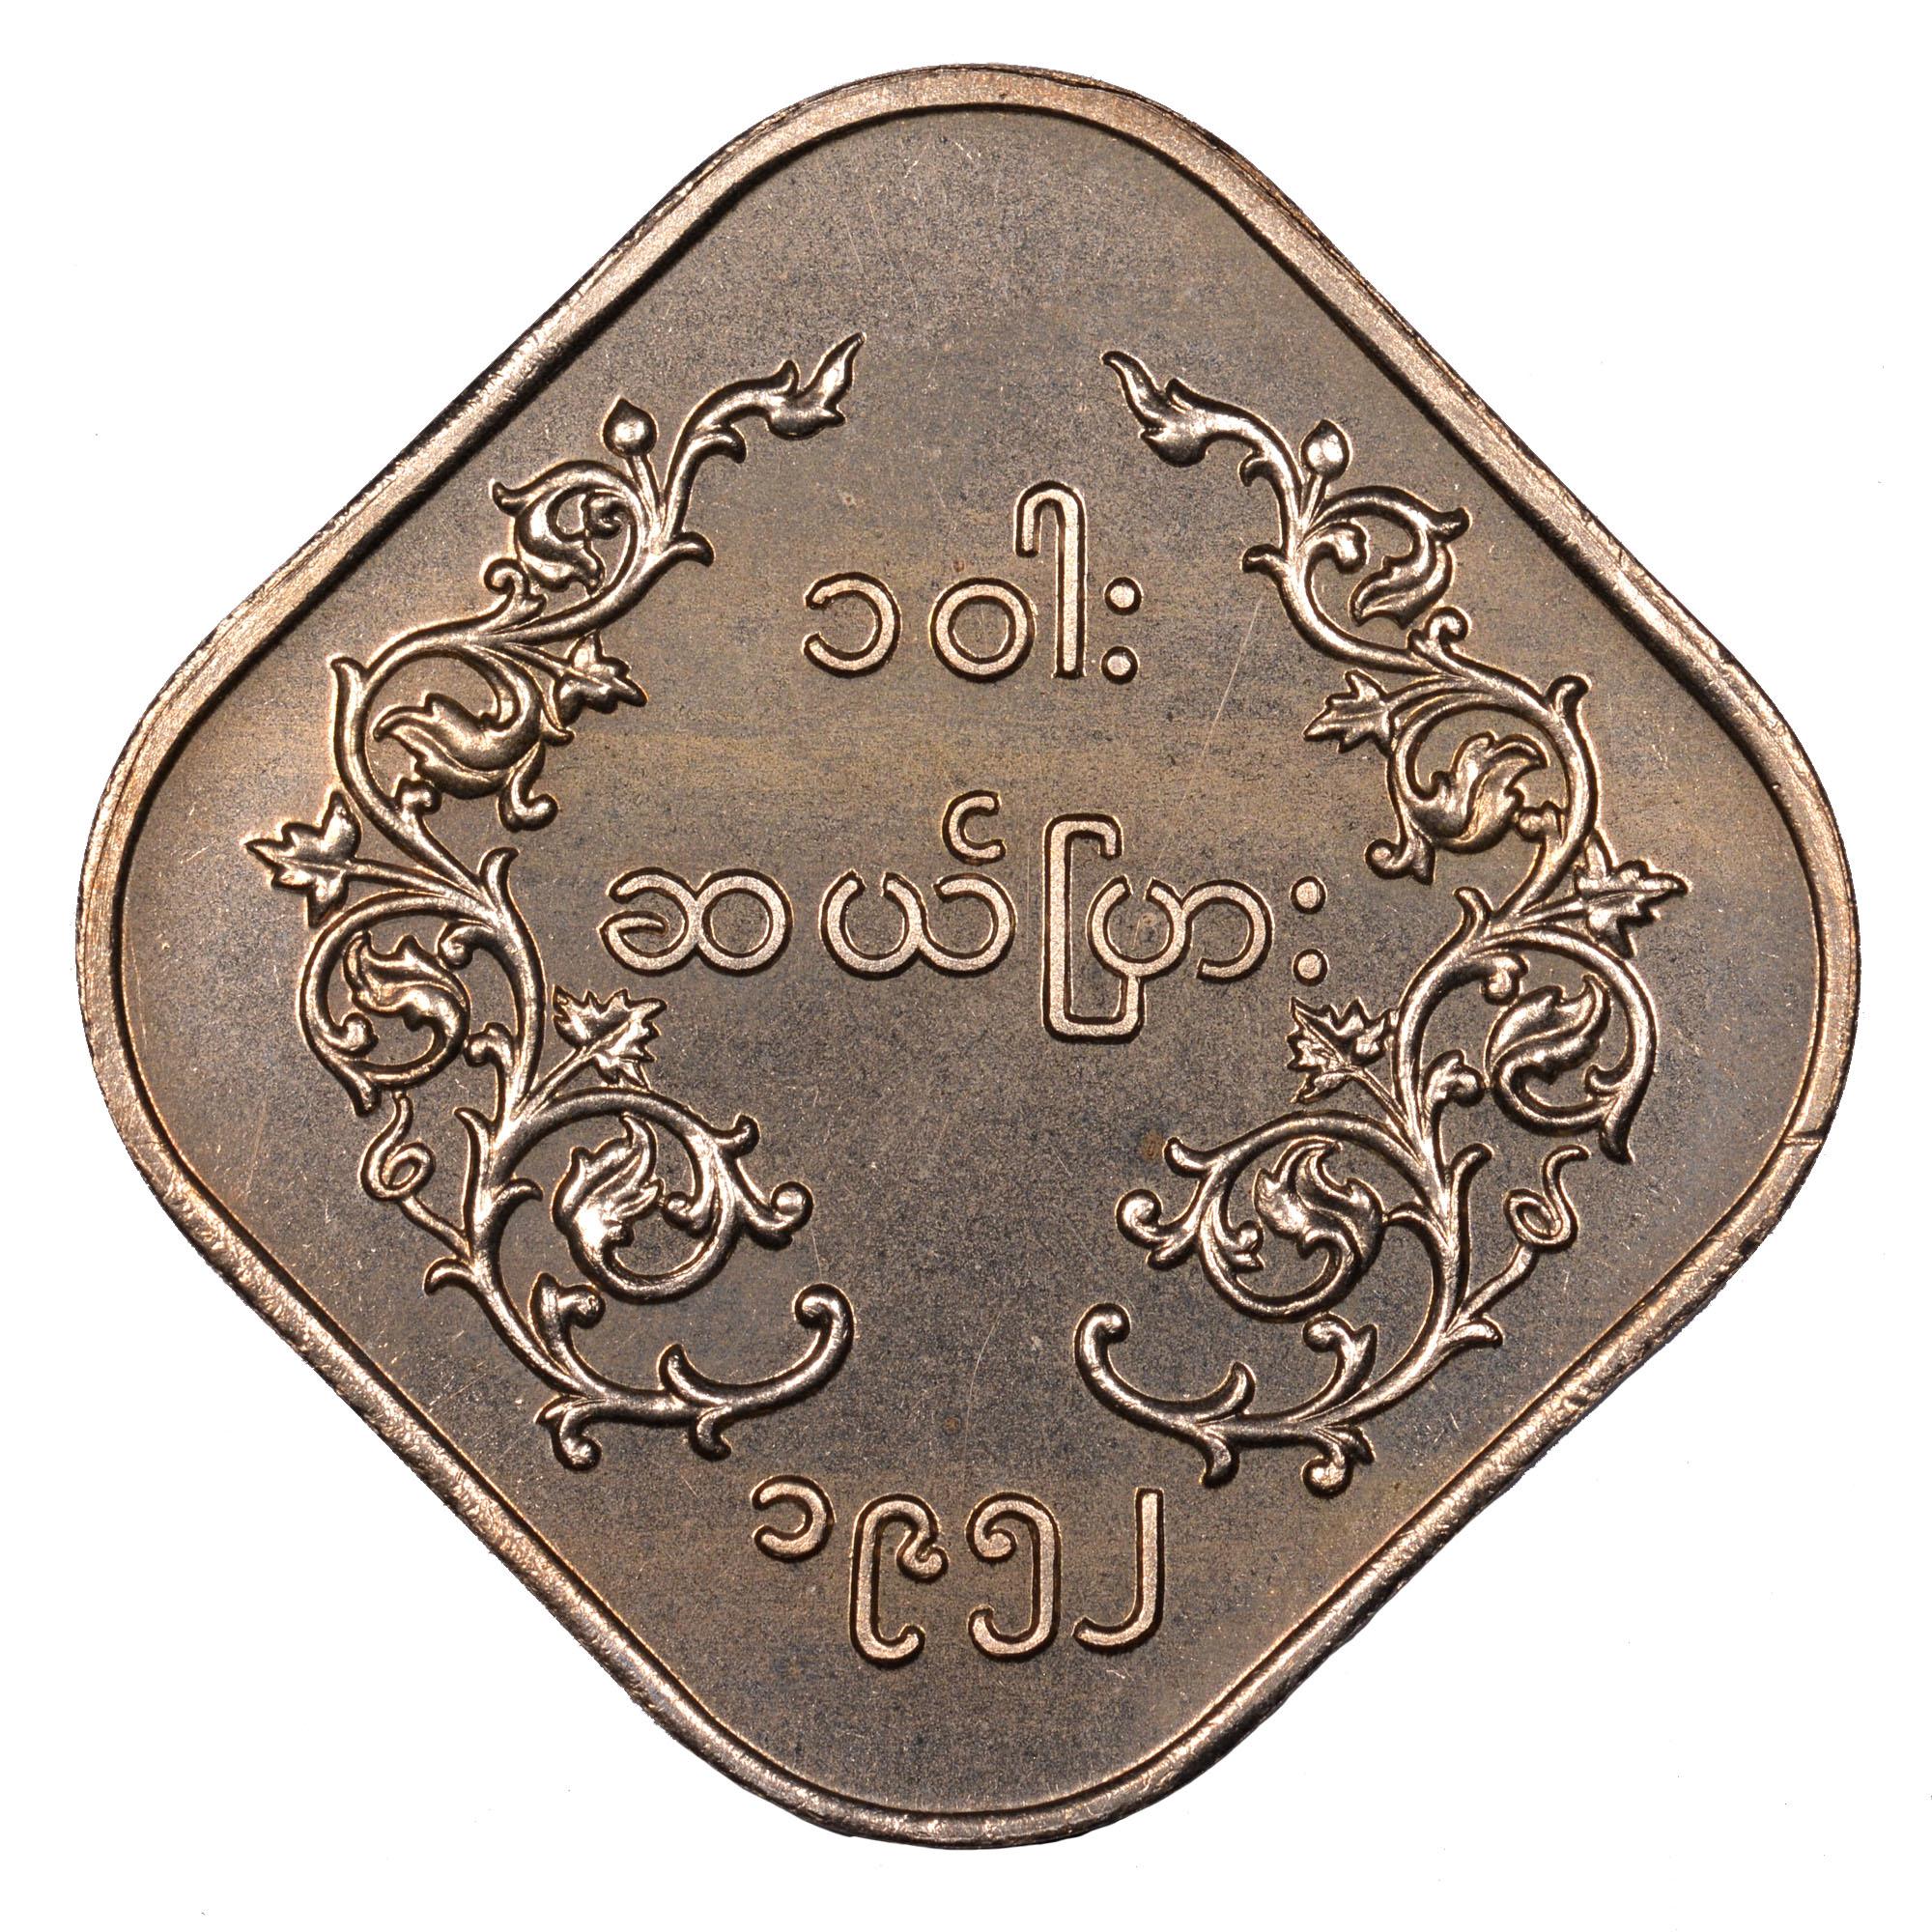 1952-1965 Myanmar 10 Pyas reverse